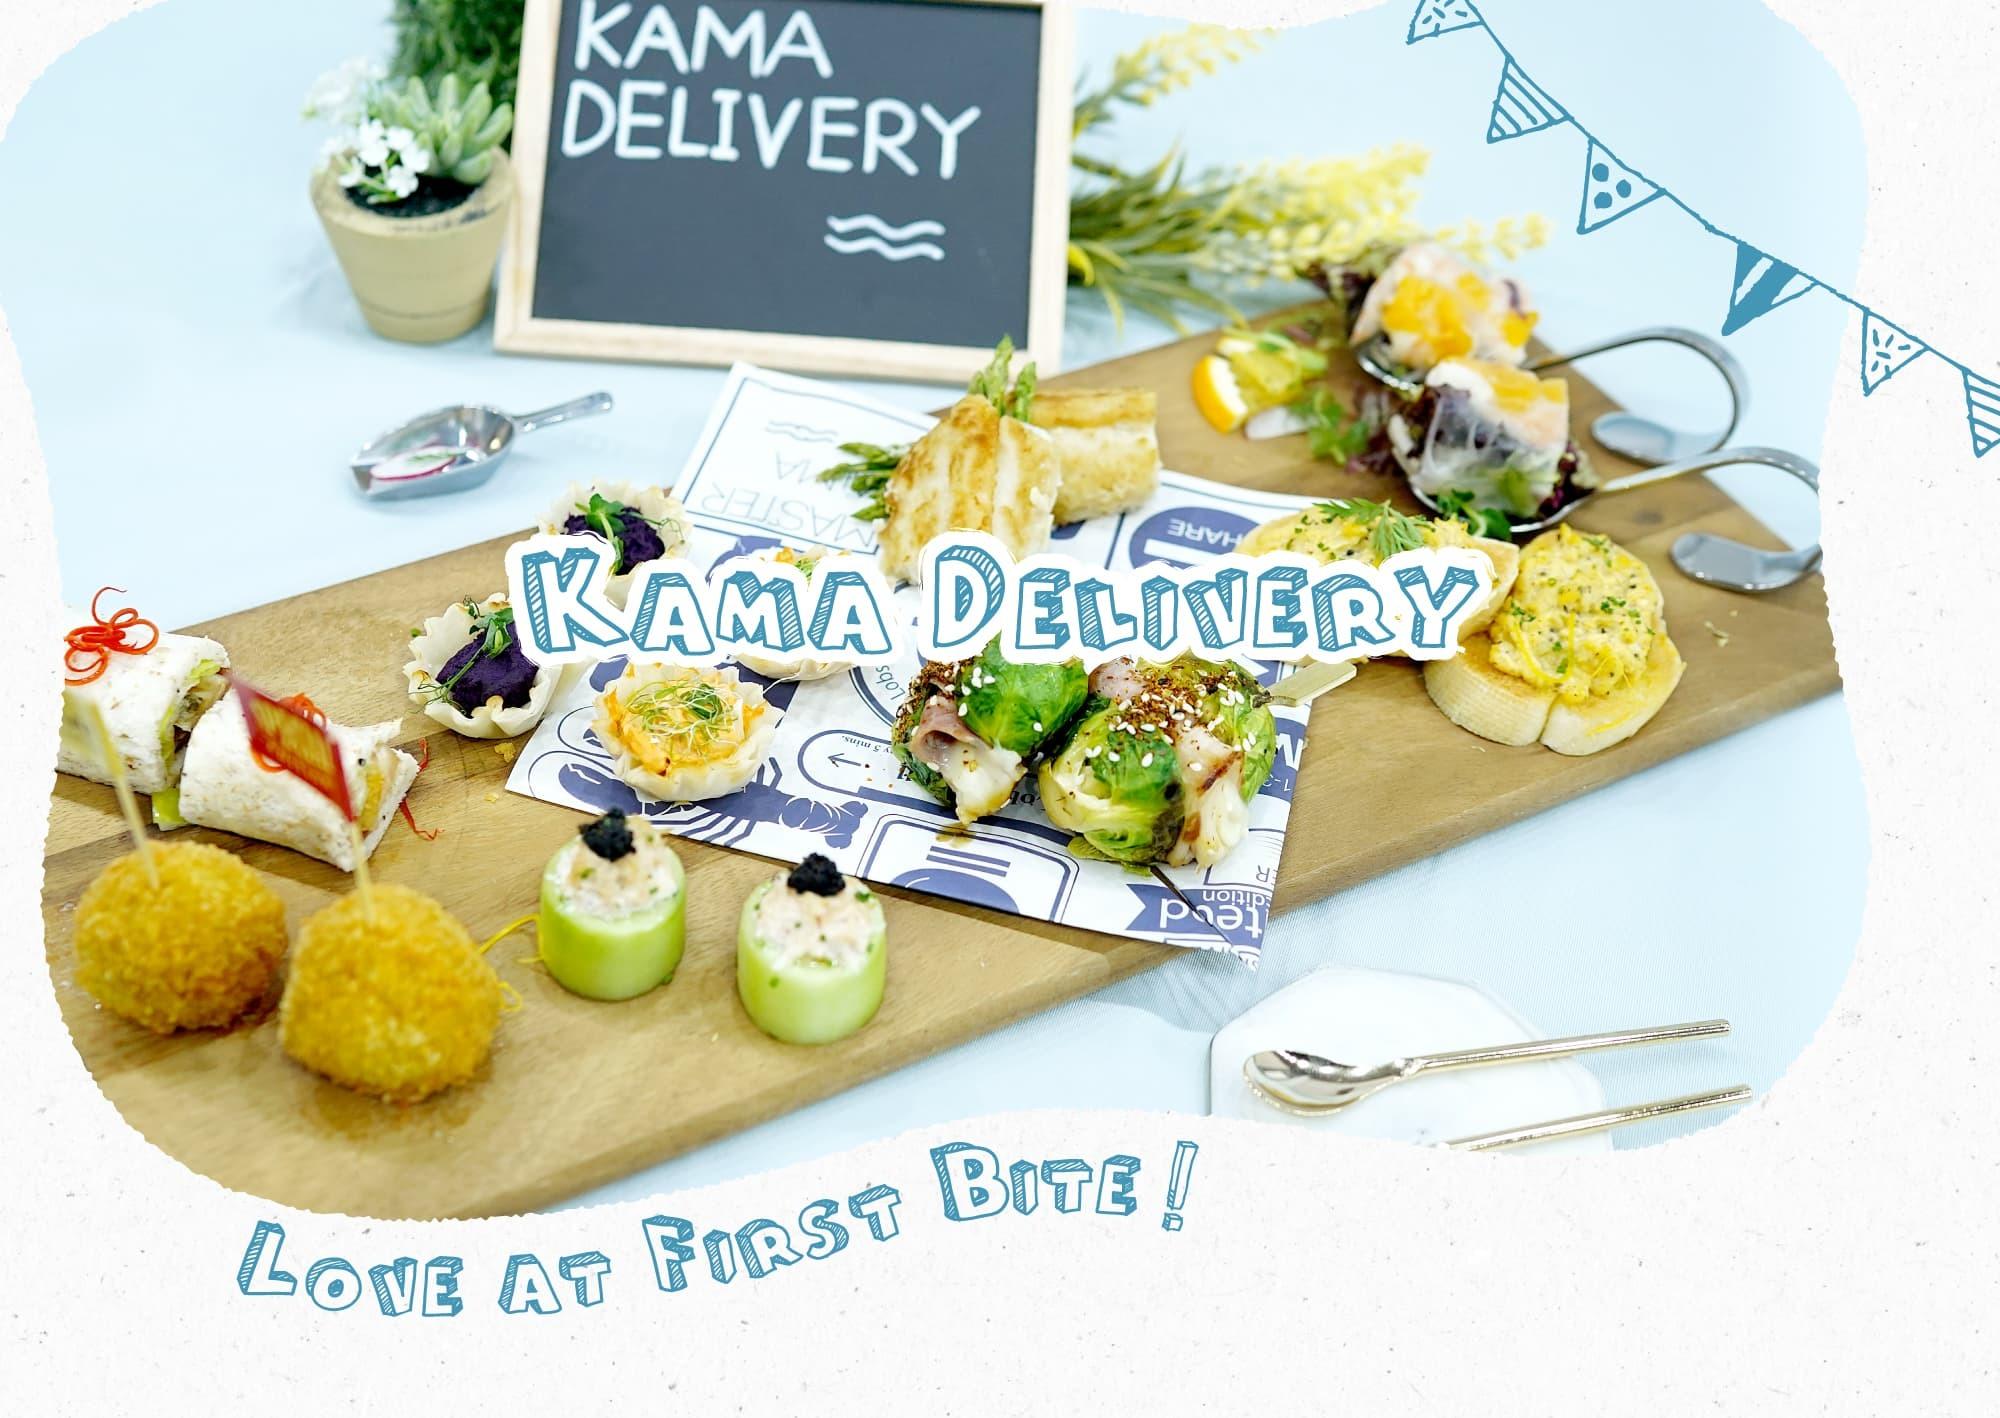 西營盤到會推介|Kama Delivery為各大企業及私人度身訂製最合適的到會外賣菜單,歡迎聯絡我們查詢及報價。